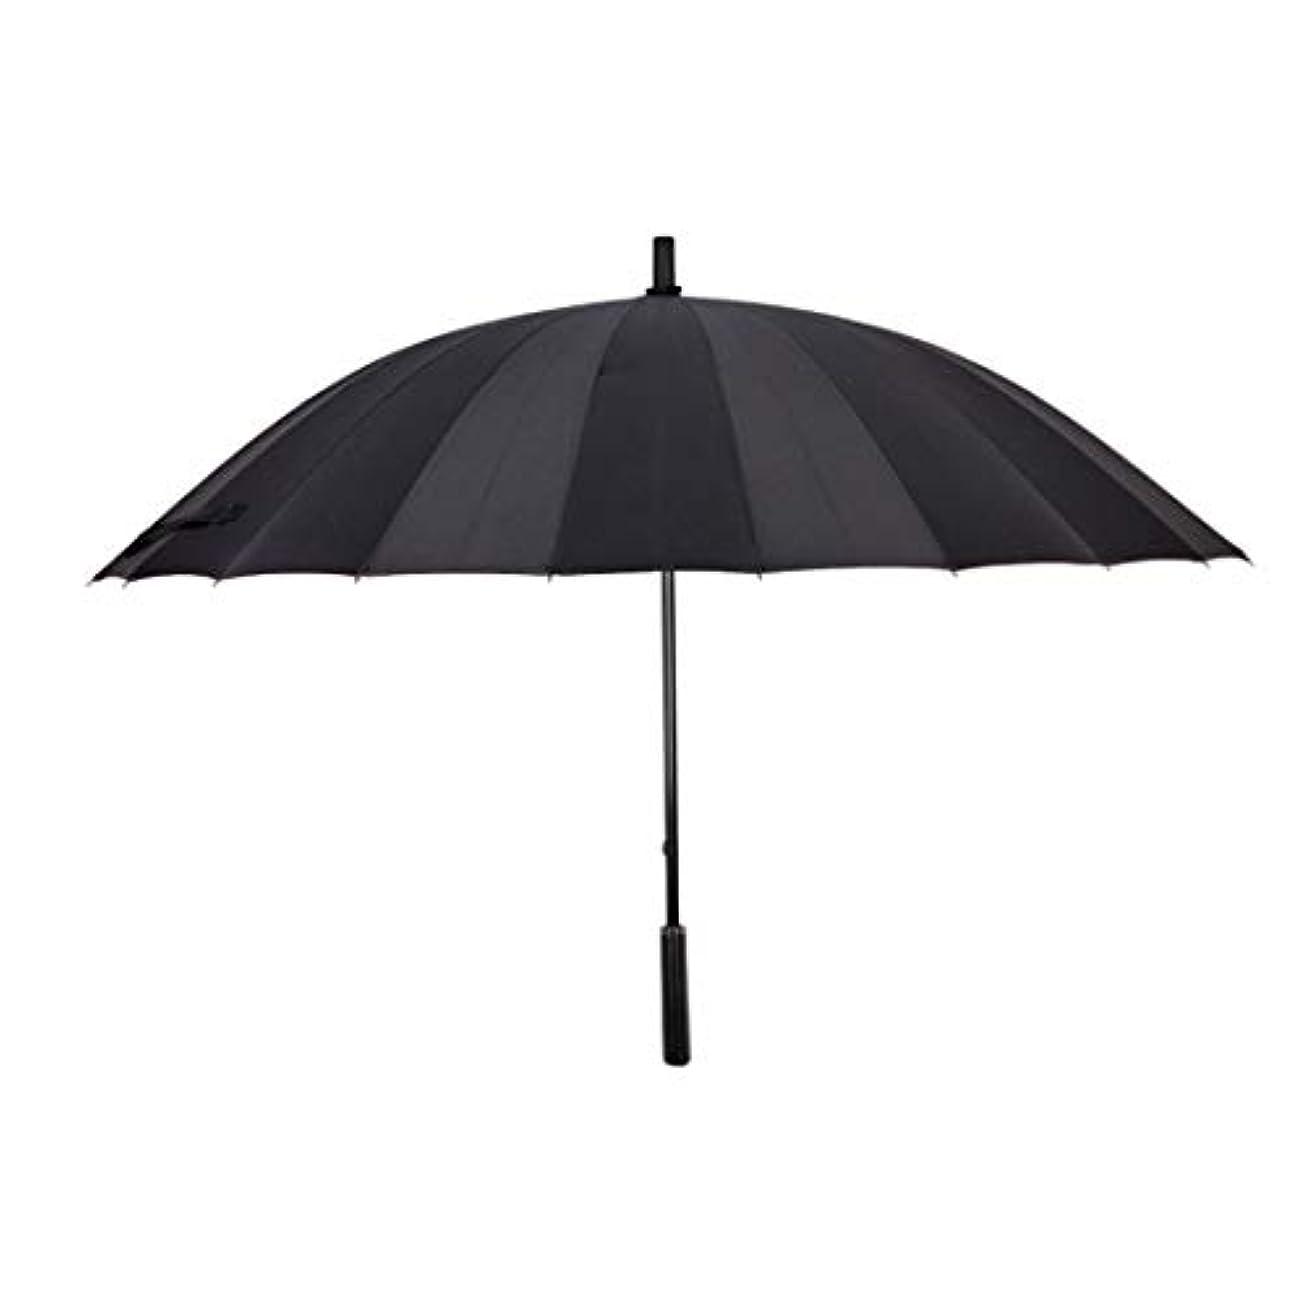 放送松粘着性Summerys 特大24骨大人のソリッドカラーの傘のマニュアルストレートハンドル傘 (Color : Black)